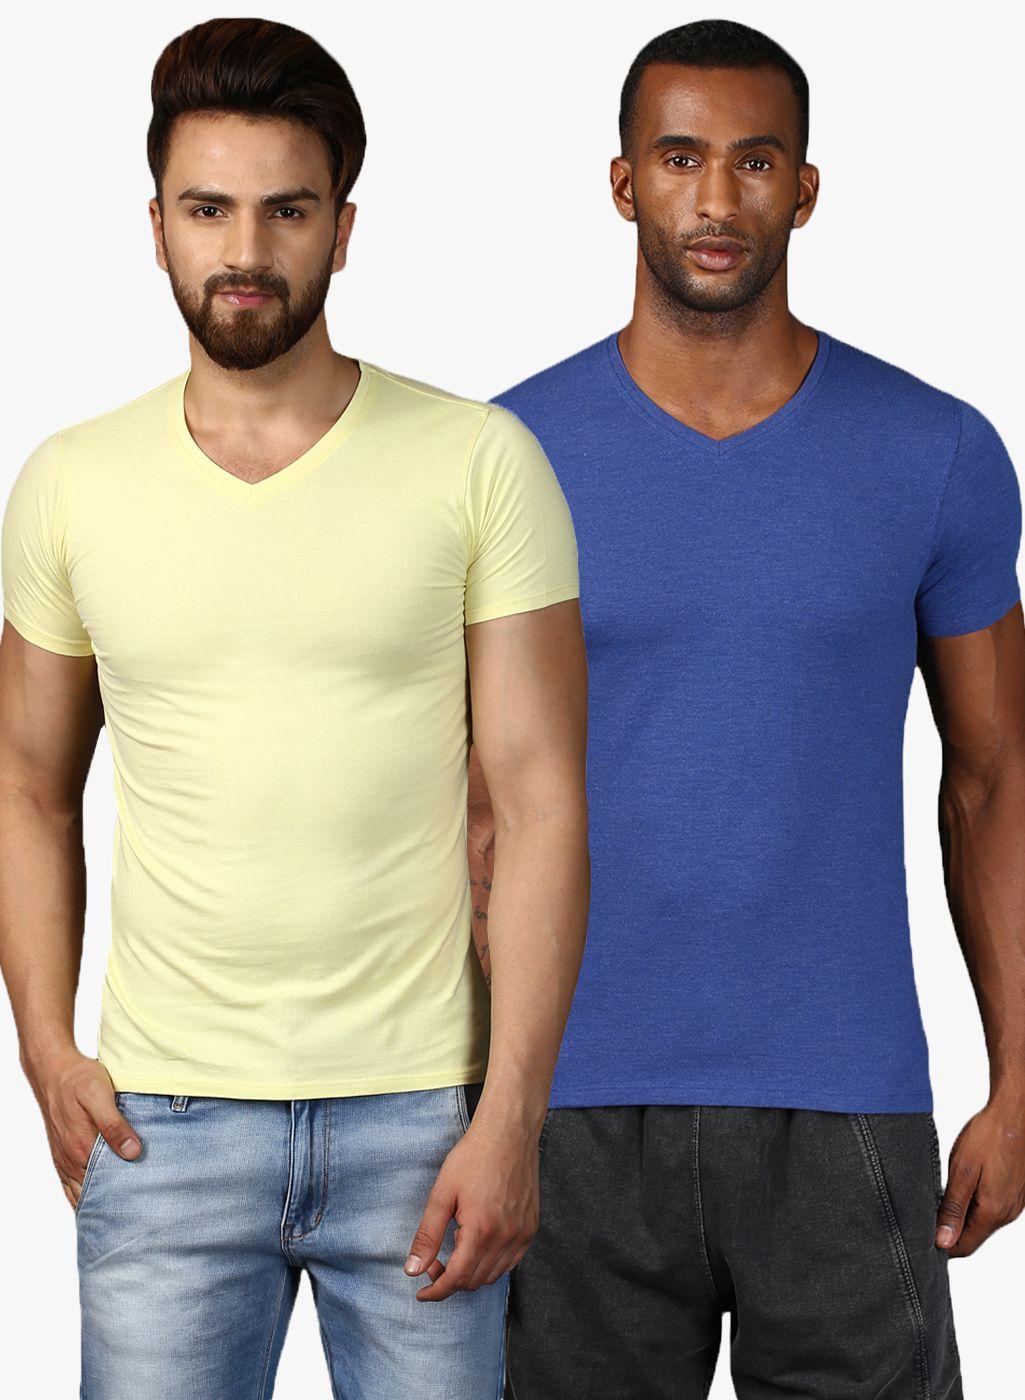 MKH Multi V-Neck T-Shirt Pack of 2